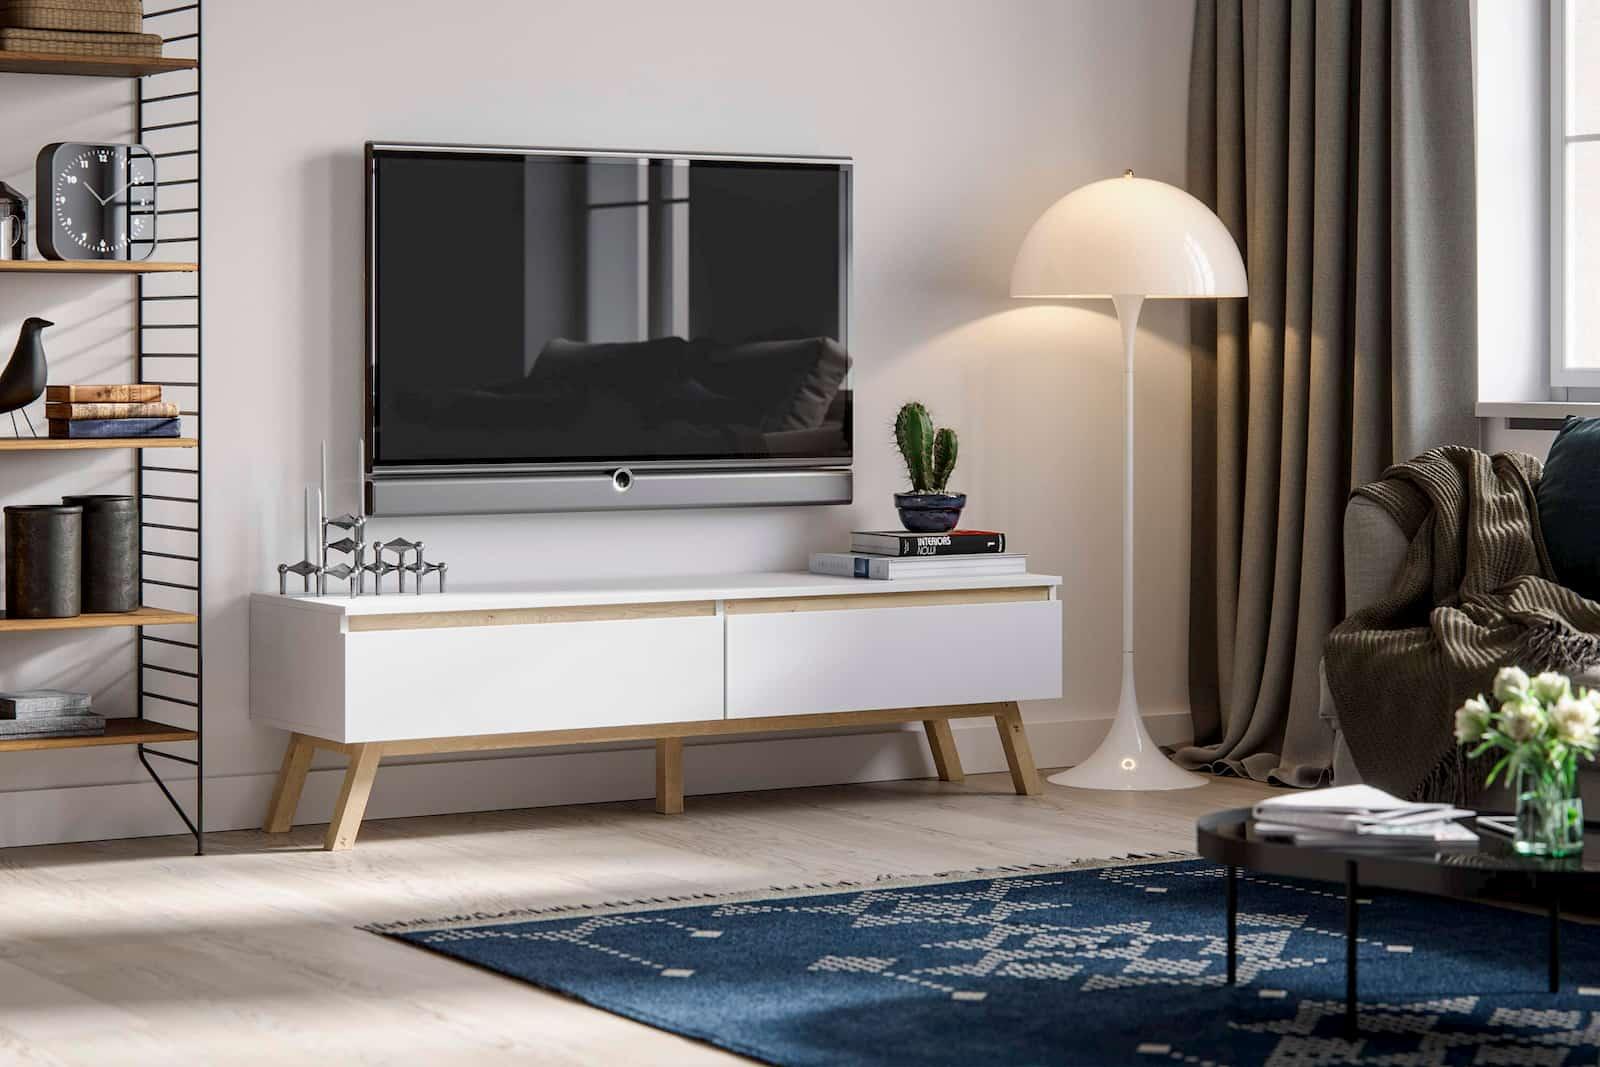 Wizualizacja komoda Rena szafka RTV pod telewizor